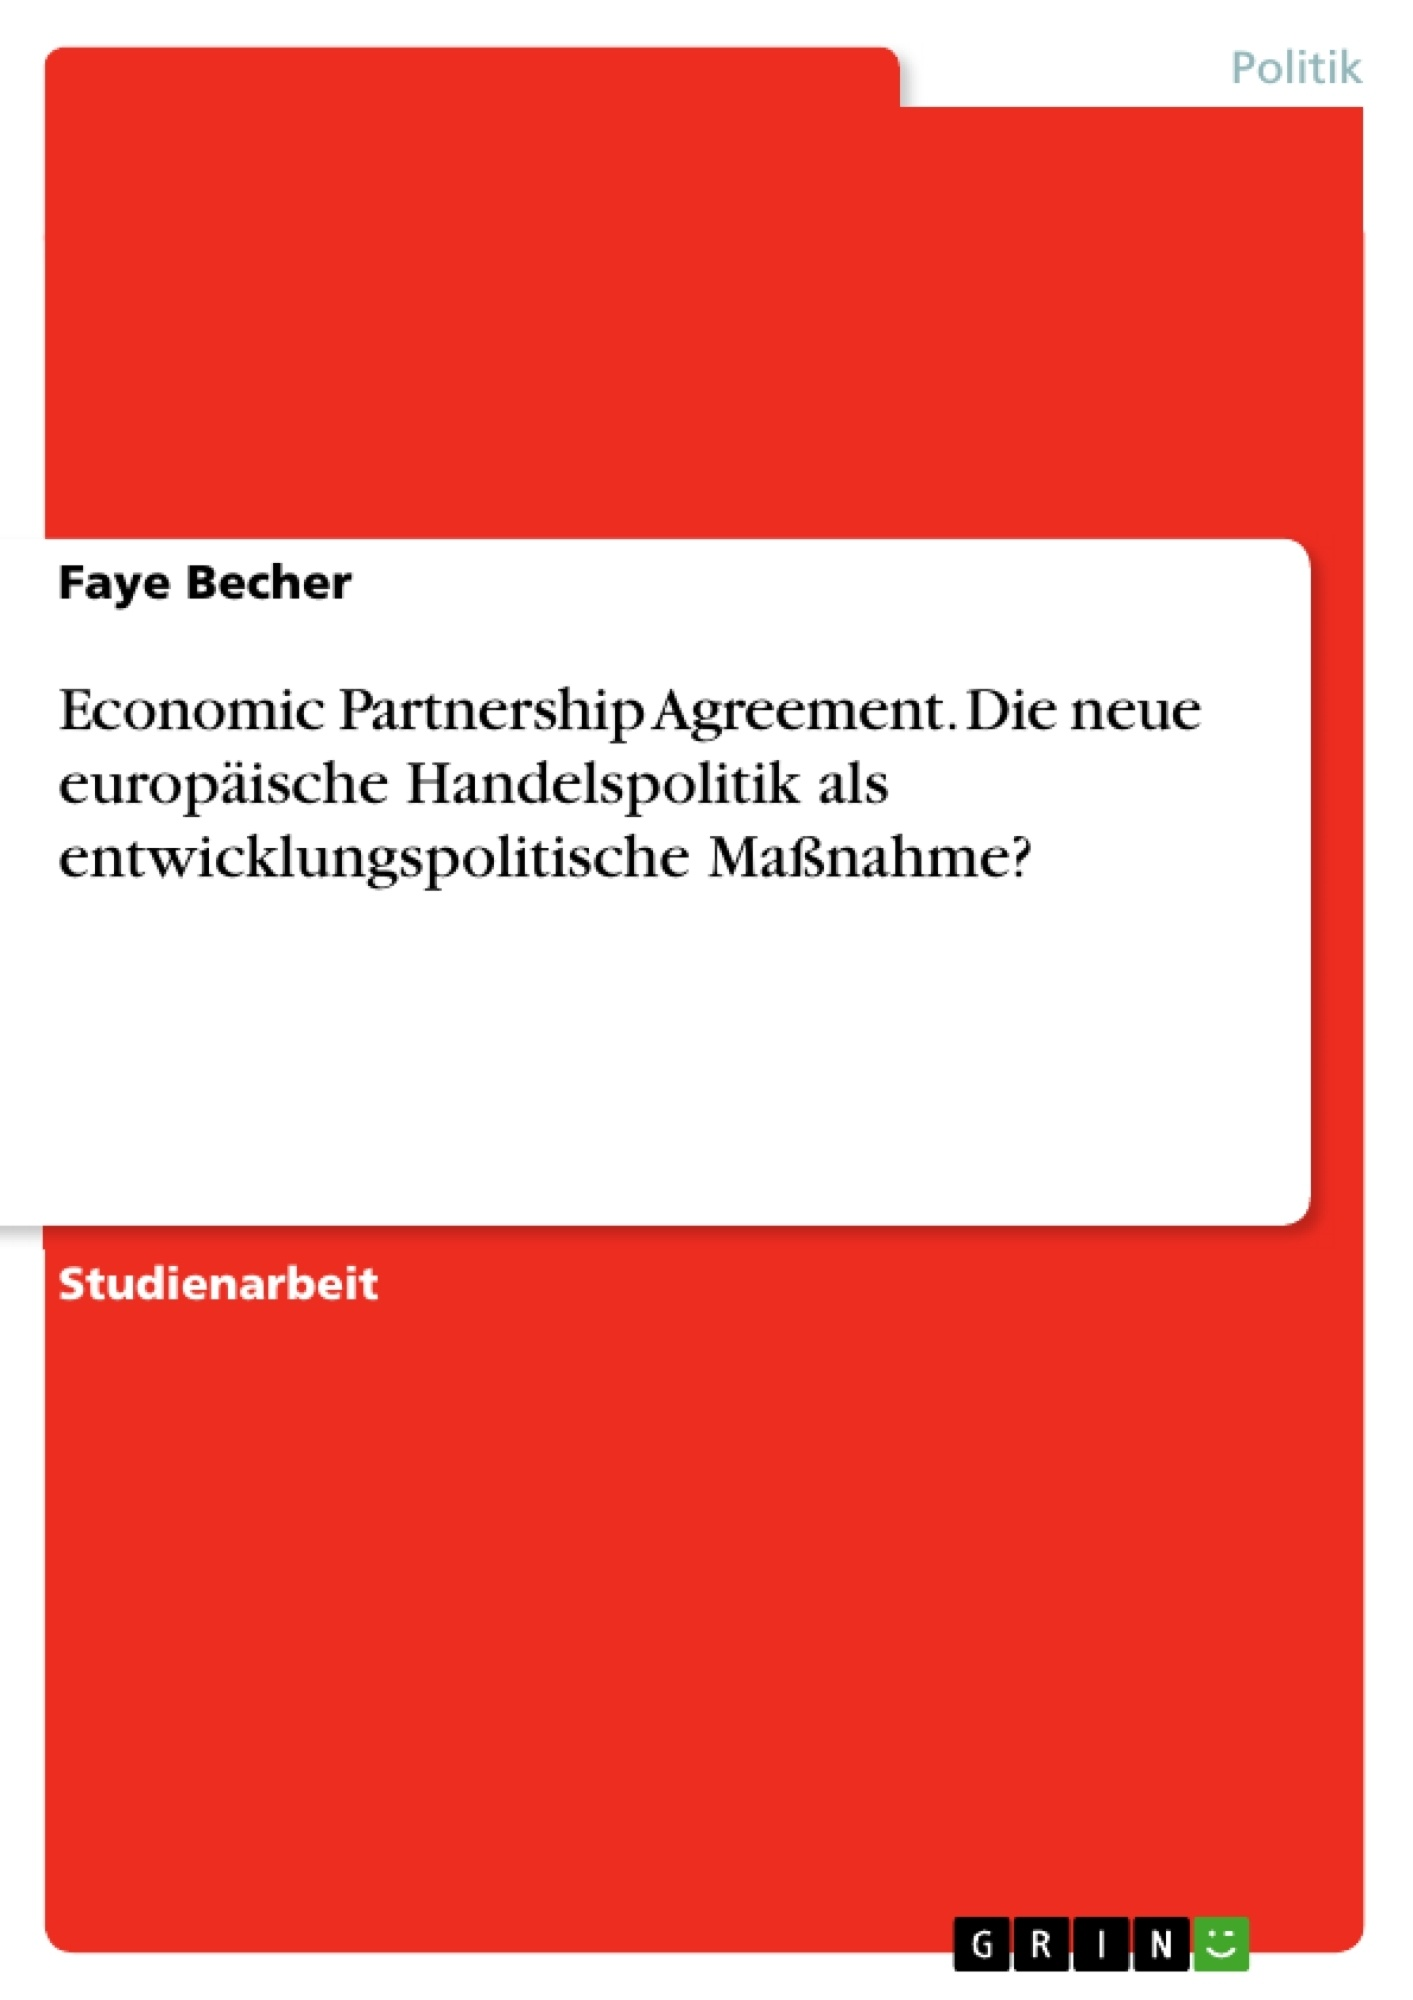 Titel: Economic Partnership Agreement. Die neue europäische Handelspolitik als entwicklungspolitische Maßnahme?